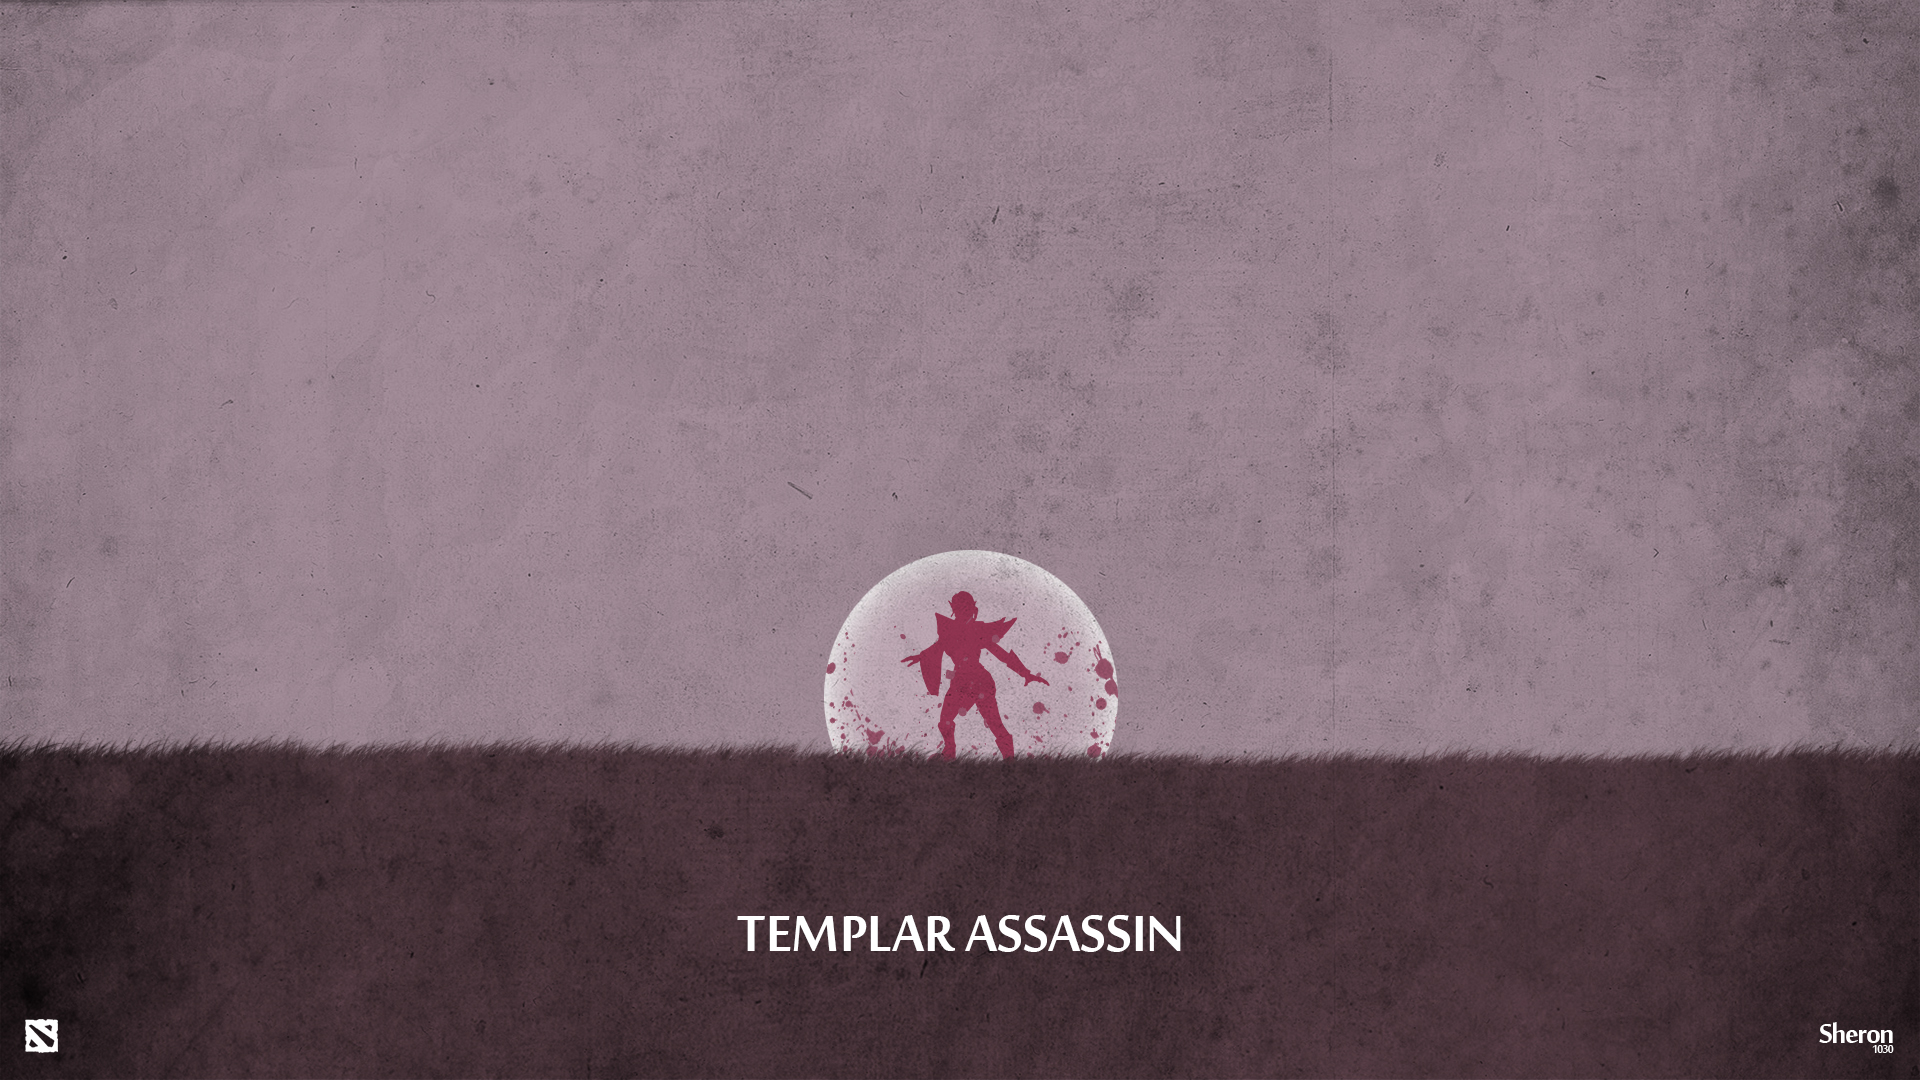 Dota 2 Templar Assassin Wallpaper By Sheron1030 On Deviantart